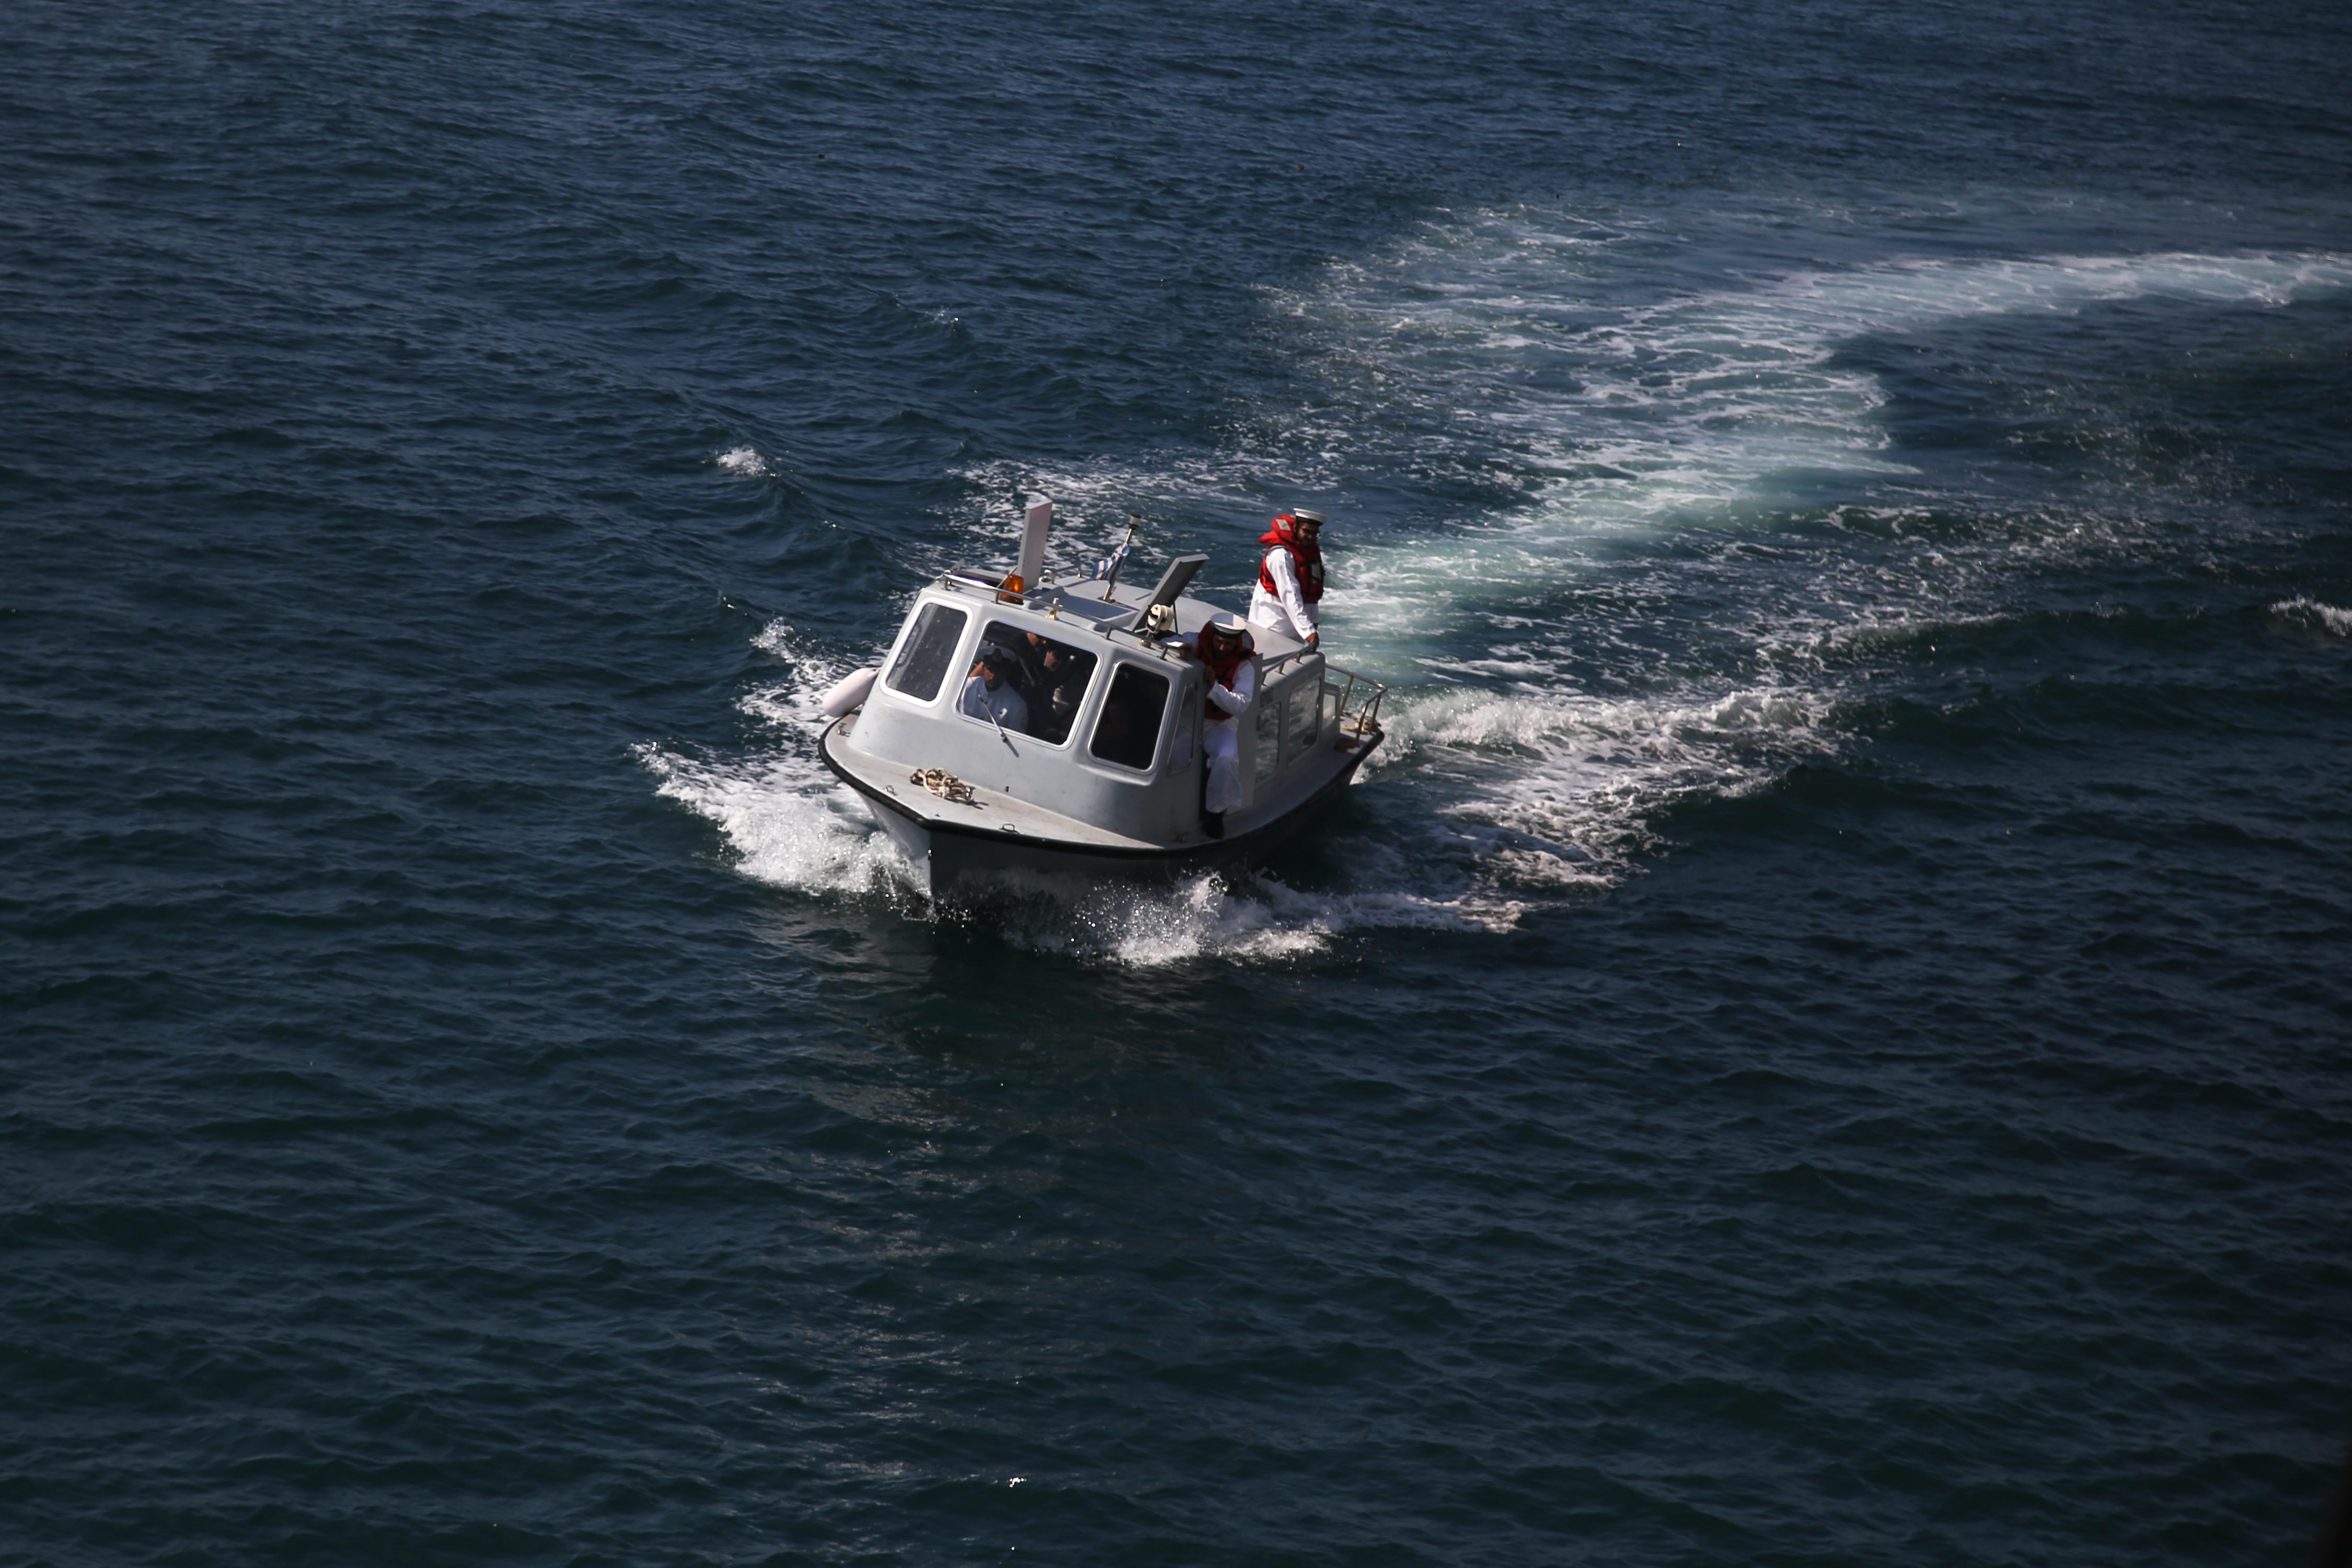 Επεισόδιο στο Αιγαίο : Τούρκοι ψαράδες πυροβόλησαν εναντίον ελλήνων αλιέων στη Λέρο | tovima.gr